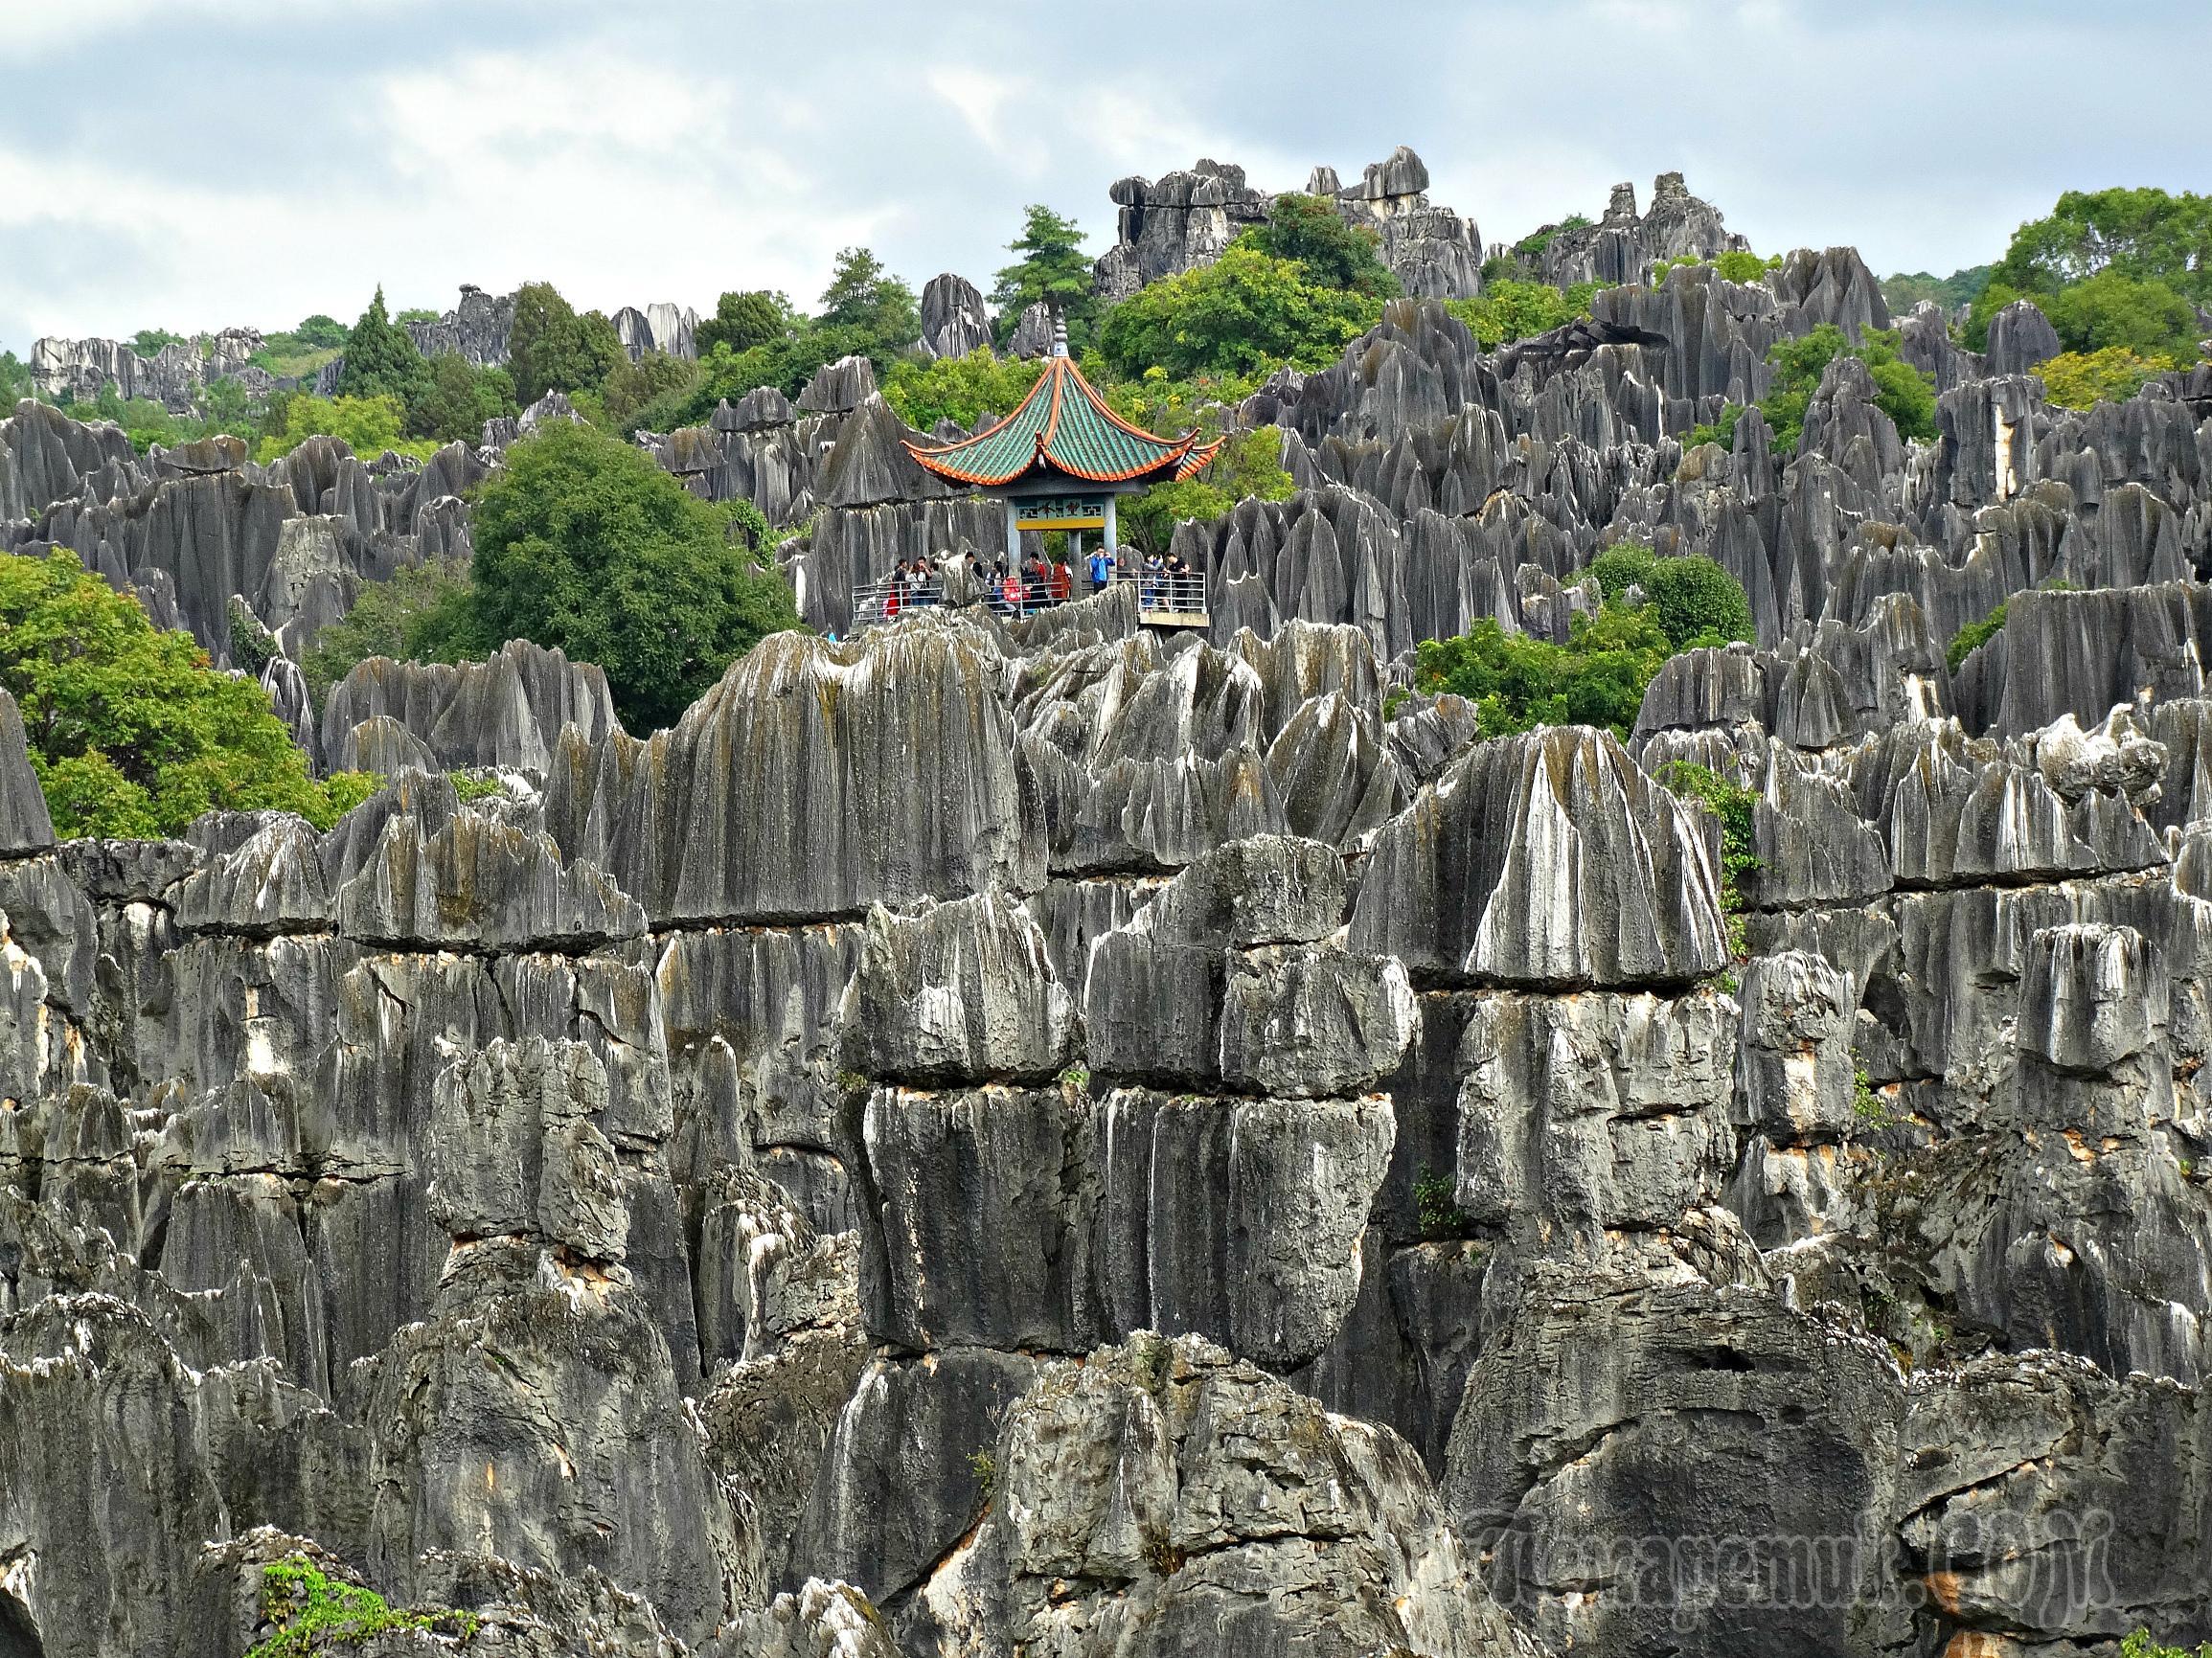 разнообразная каменный лес фото китай никто них возьмет